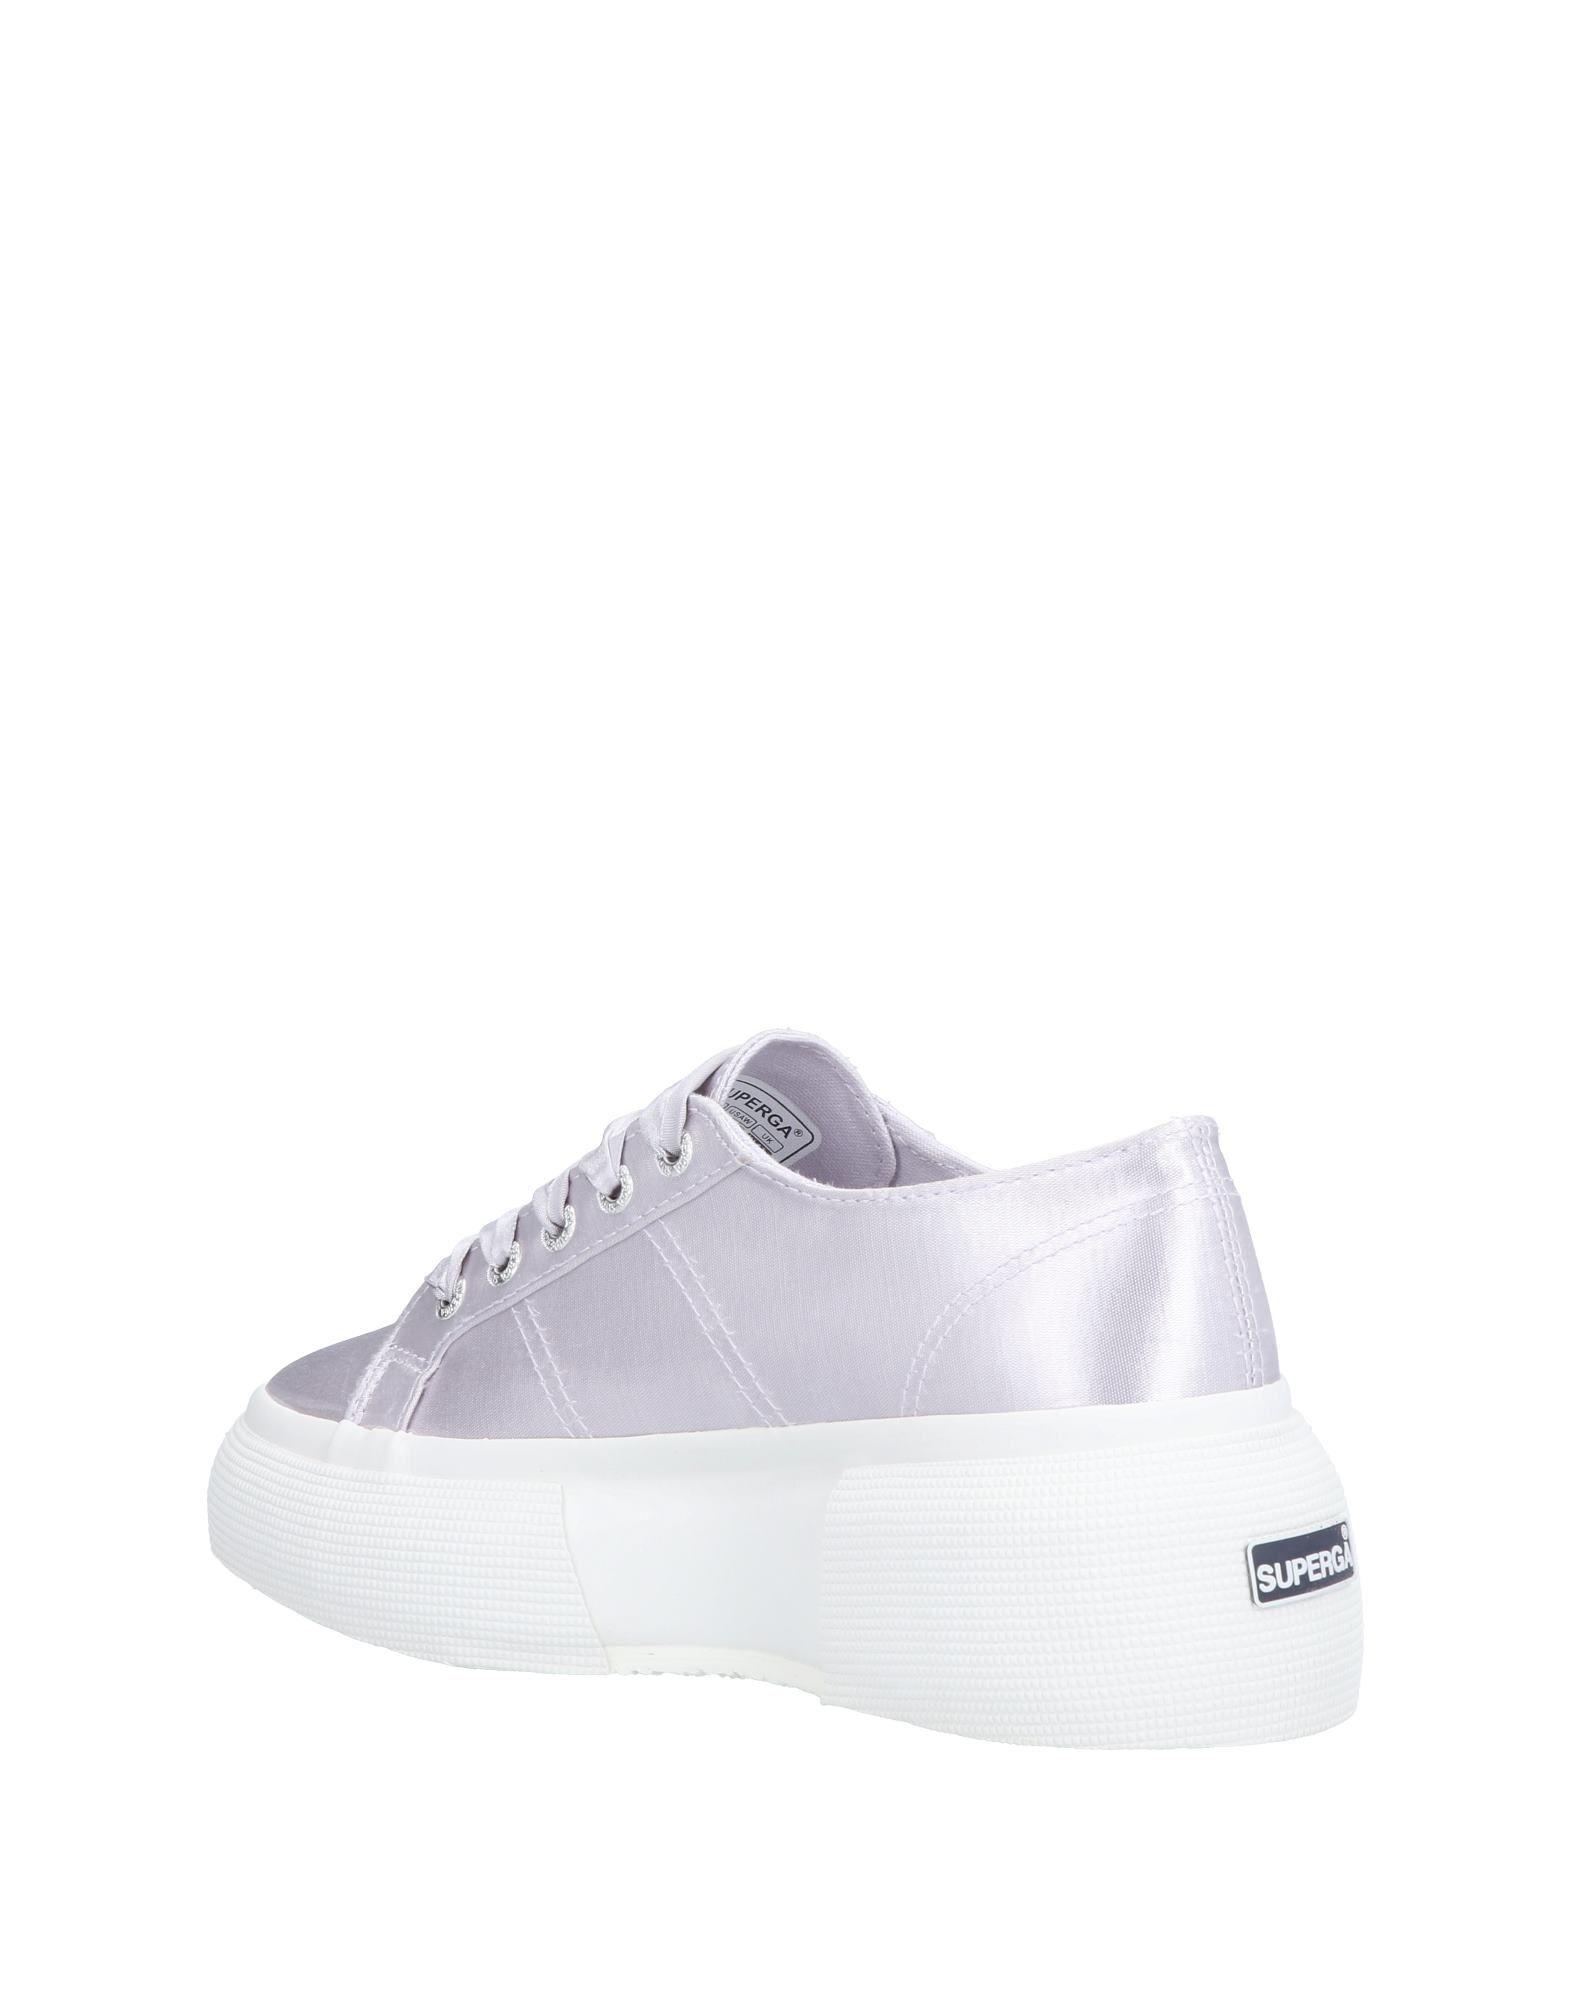 Superga® Sneakers Damen Damen Sneakers  11474725VK  ec8240